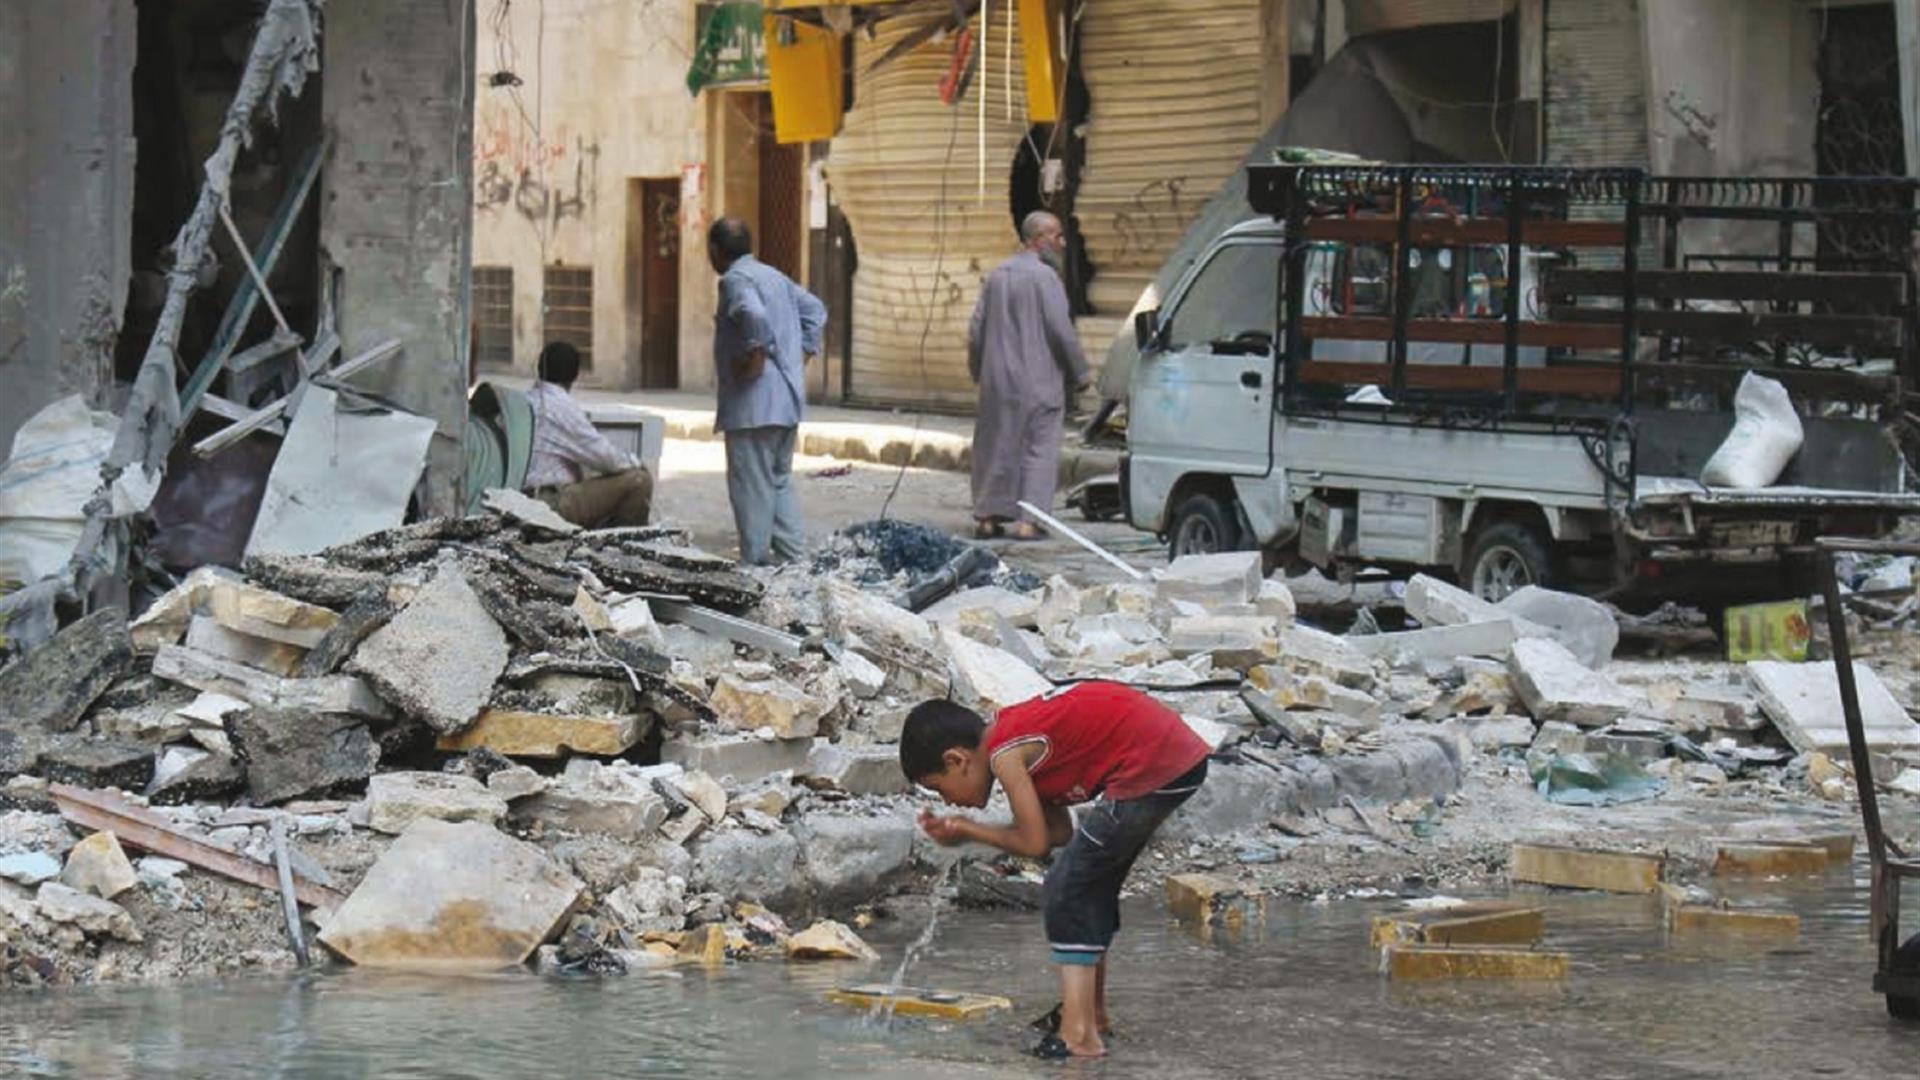 La tregua ha favorito l'esercito di Assad, che durante il cessate il fuoco ha impedito l'arrivo degli aiuti umanitari